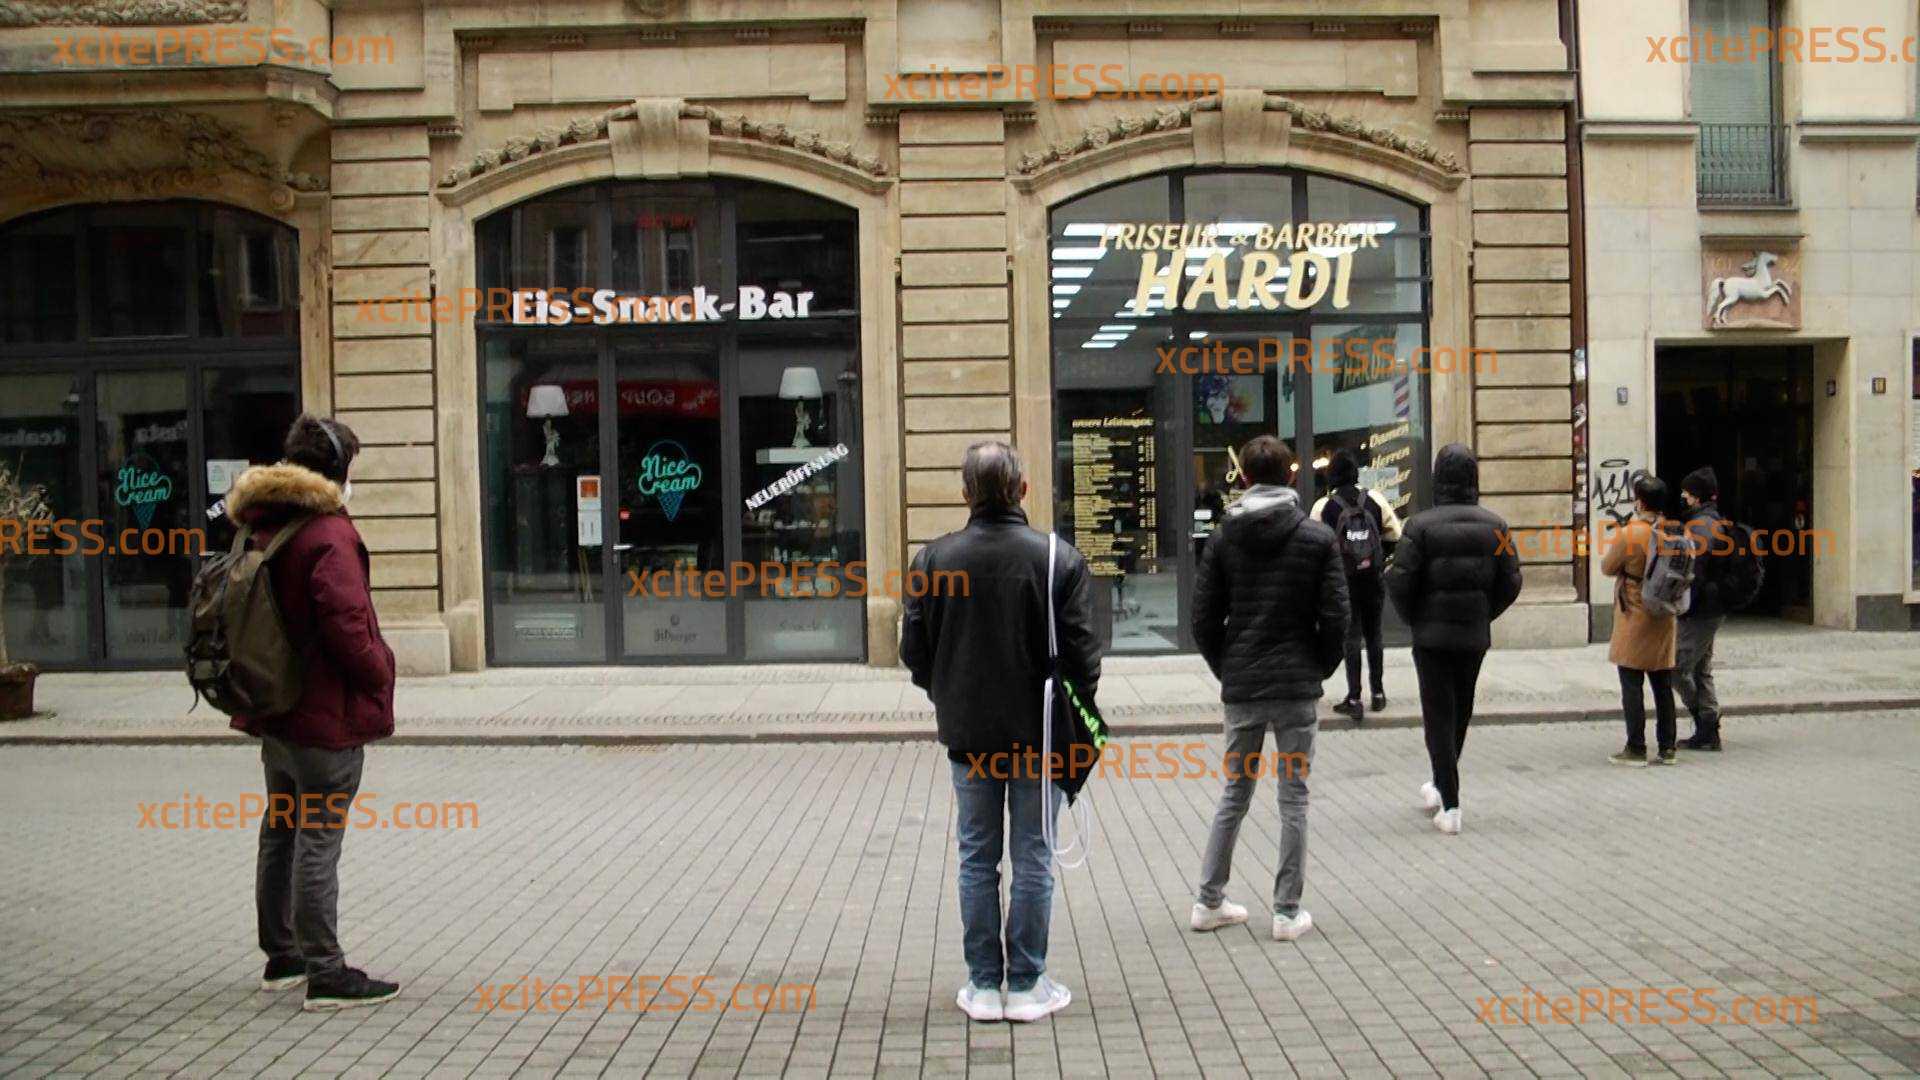 Frisöre öffnen wieder in Sachsen: Großer Andrang fürs Haareschneiden: Öffnung unter strengen hygienischen Auflagen